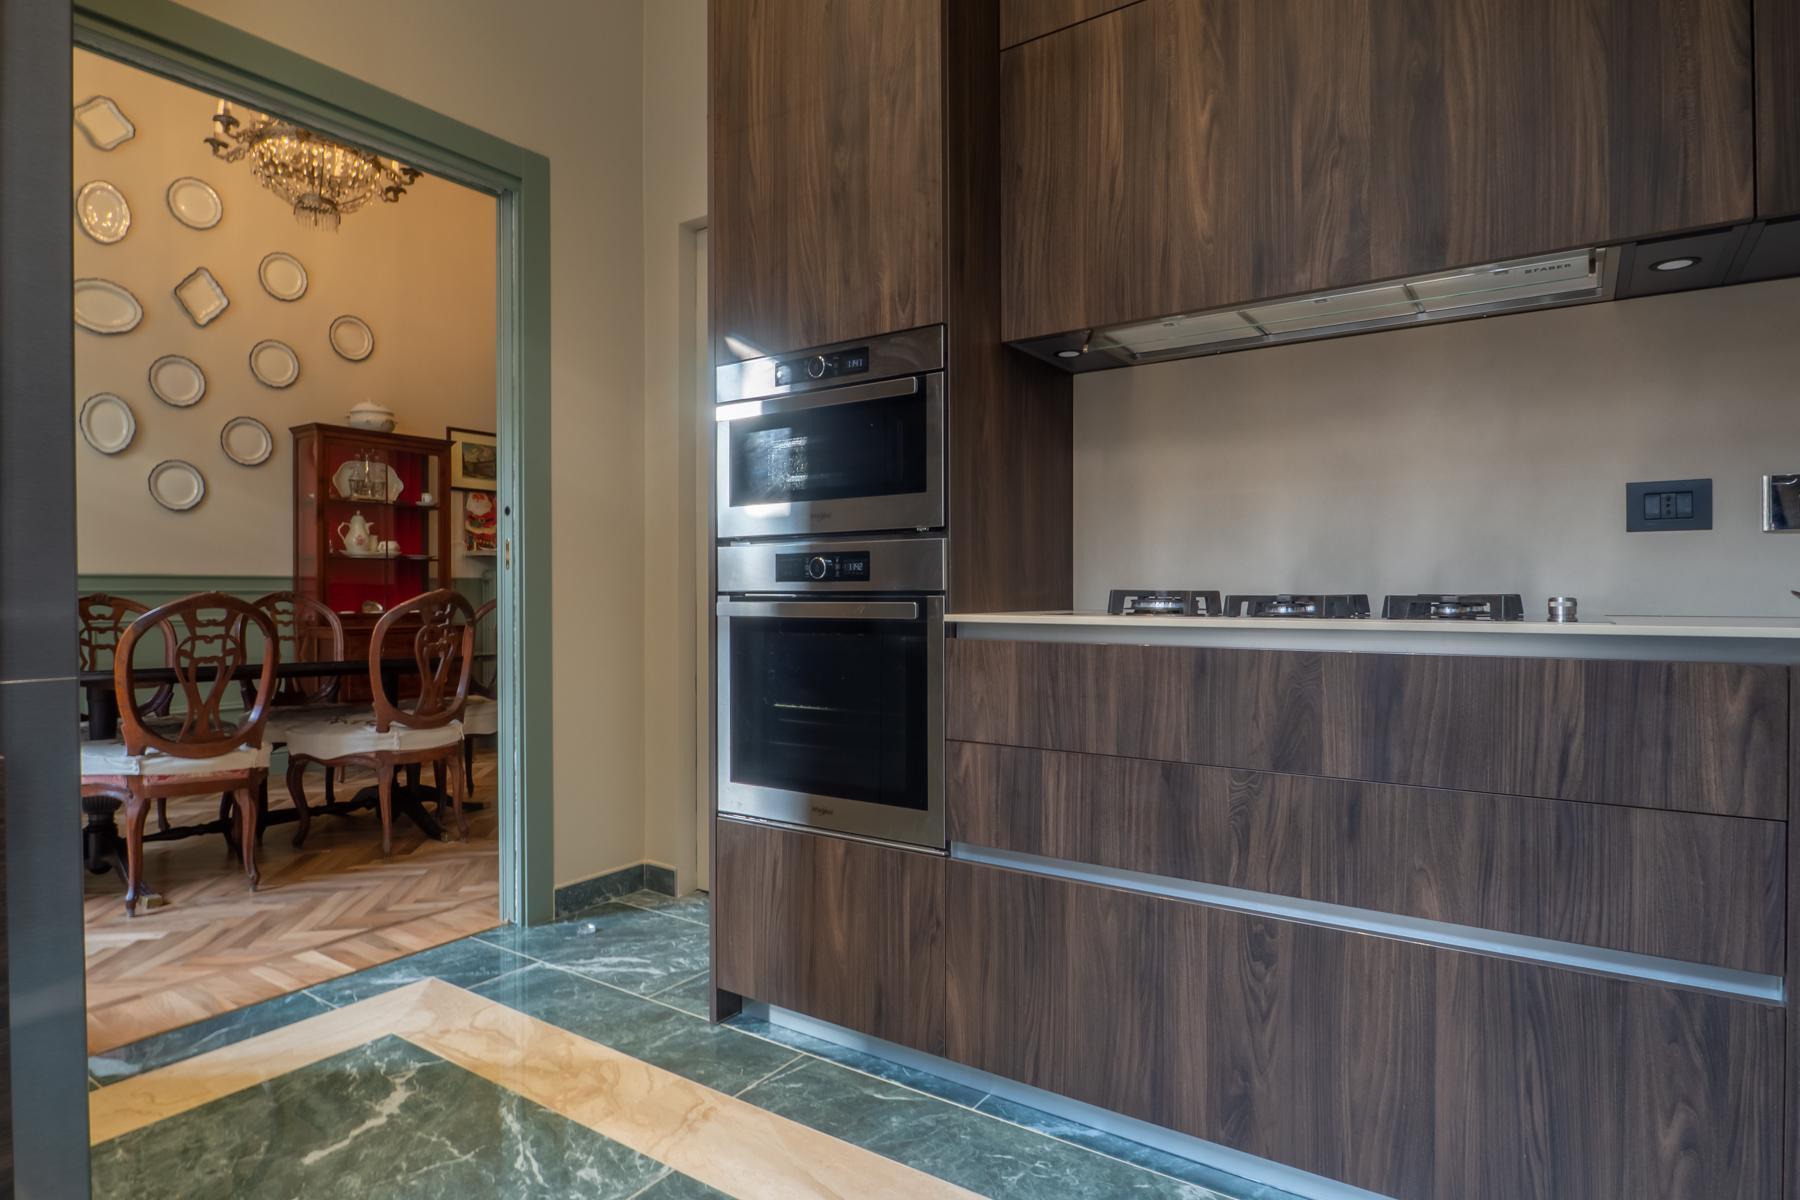 Exquisite apartment tastefully renovated - 12